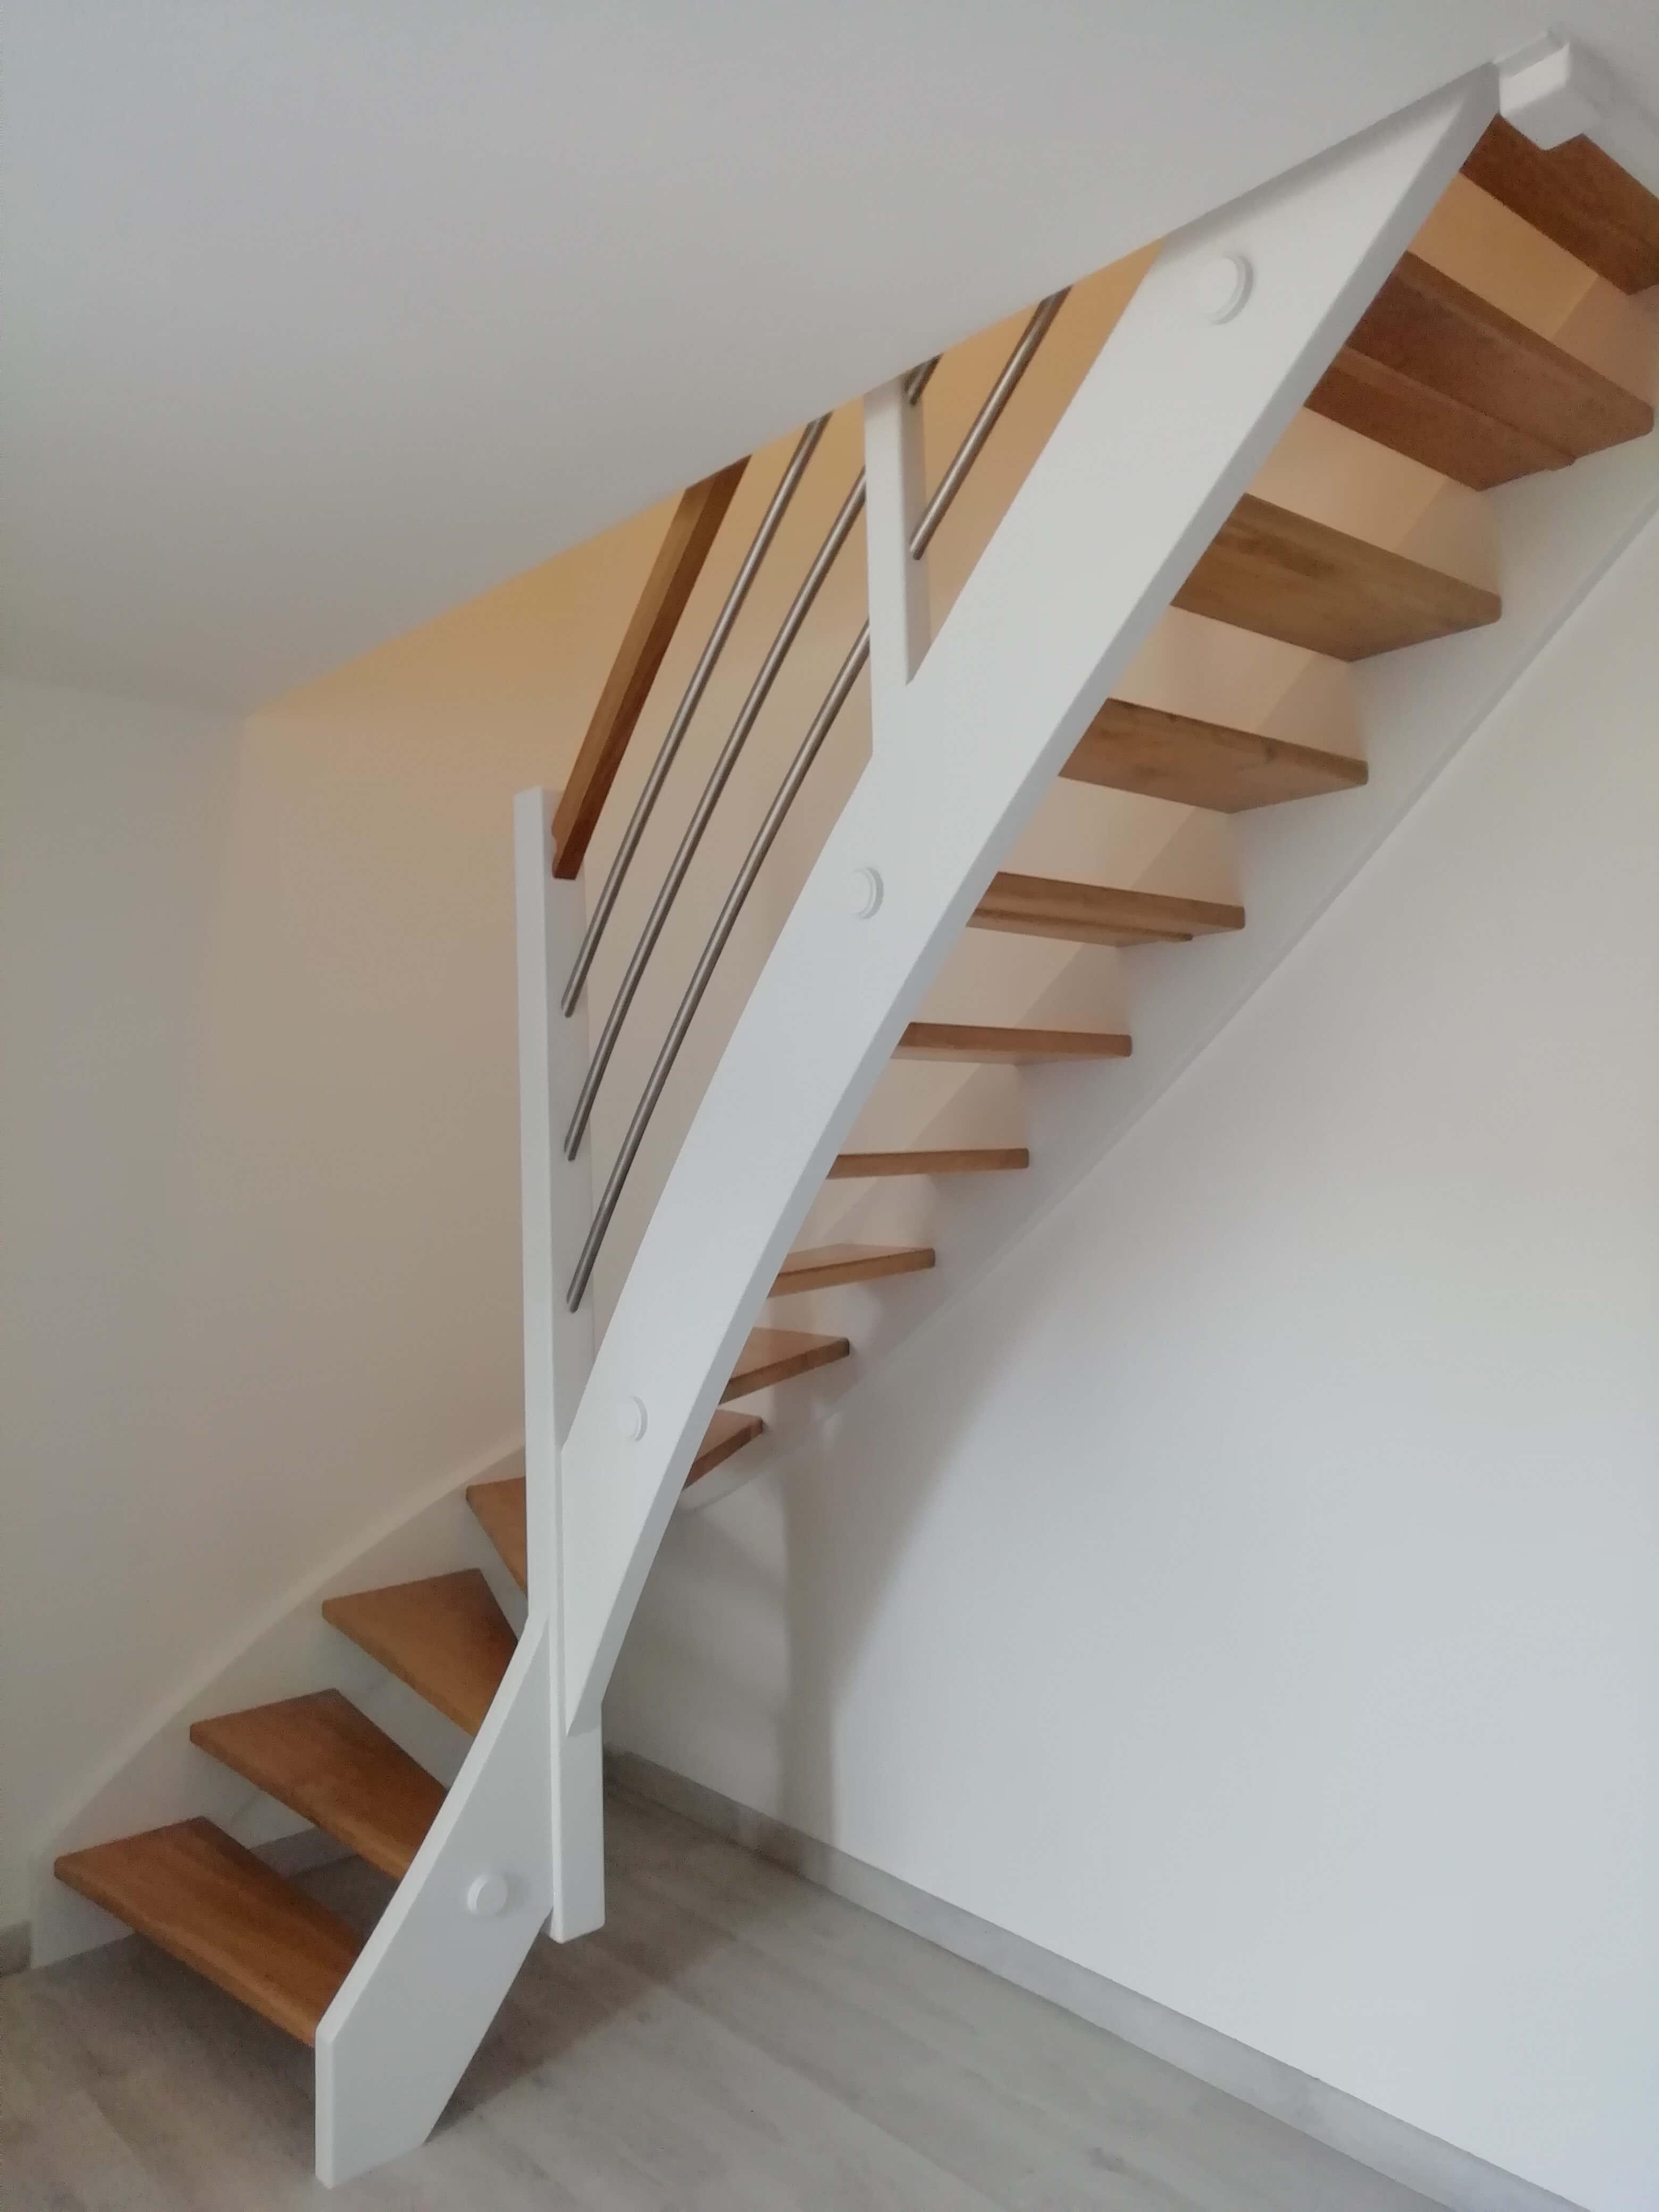 Menuiserie Figard - Fabrication sur mesure - Escalier - Marche en chêne limon peint - Vesoul